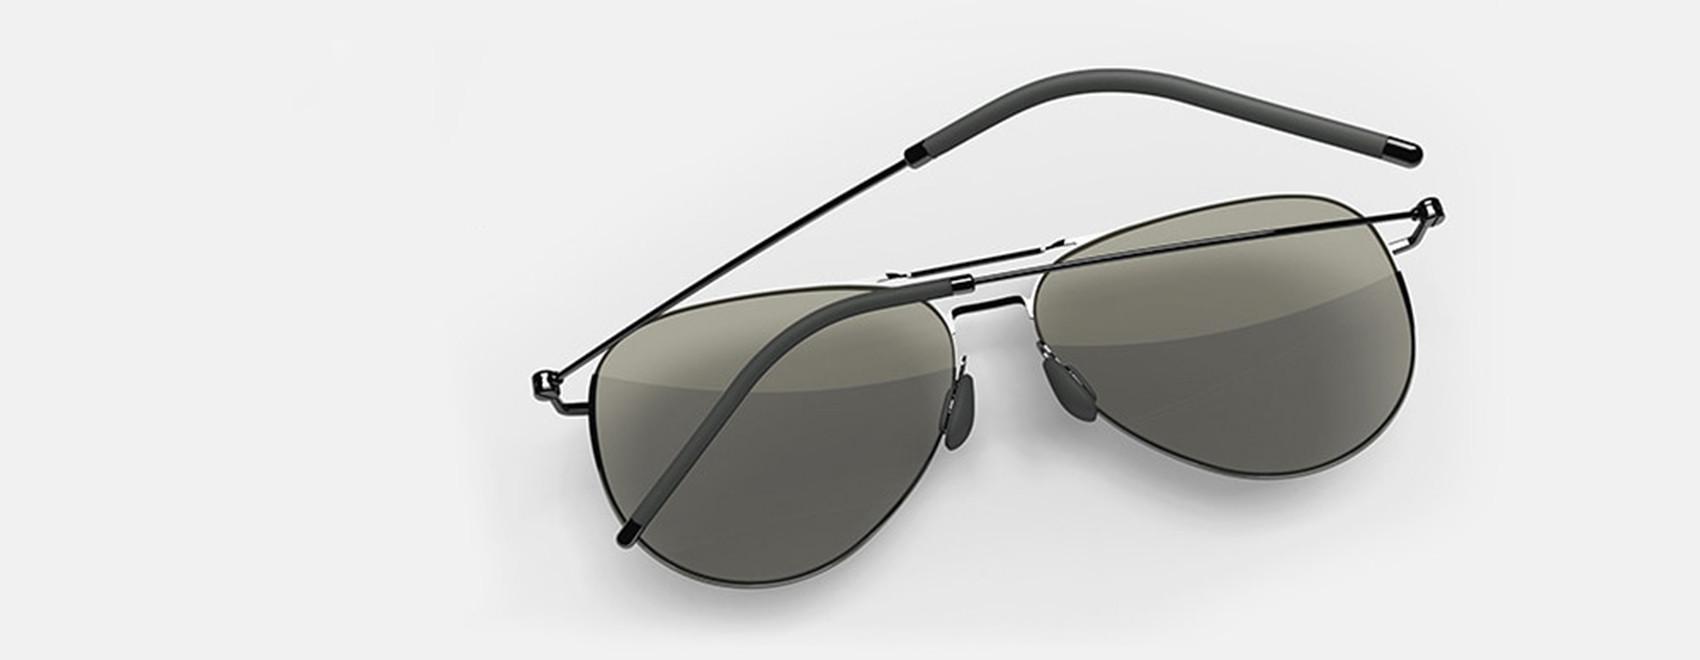 2872c83b3 Xiaomi slnečné okuliare - polarizačné